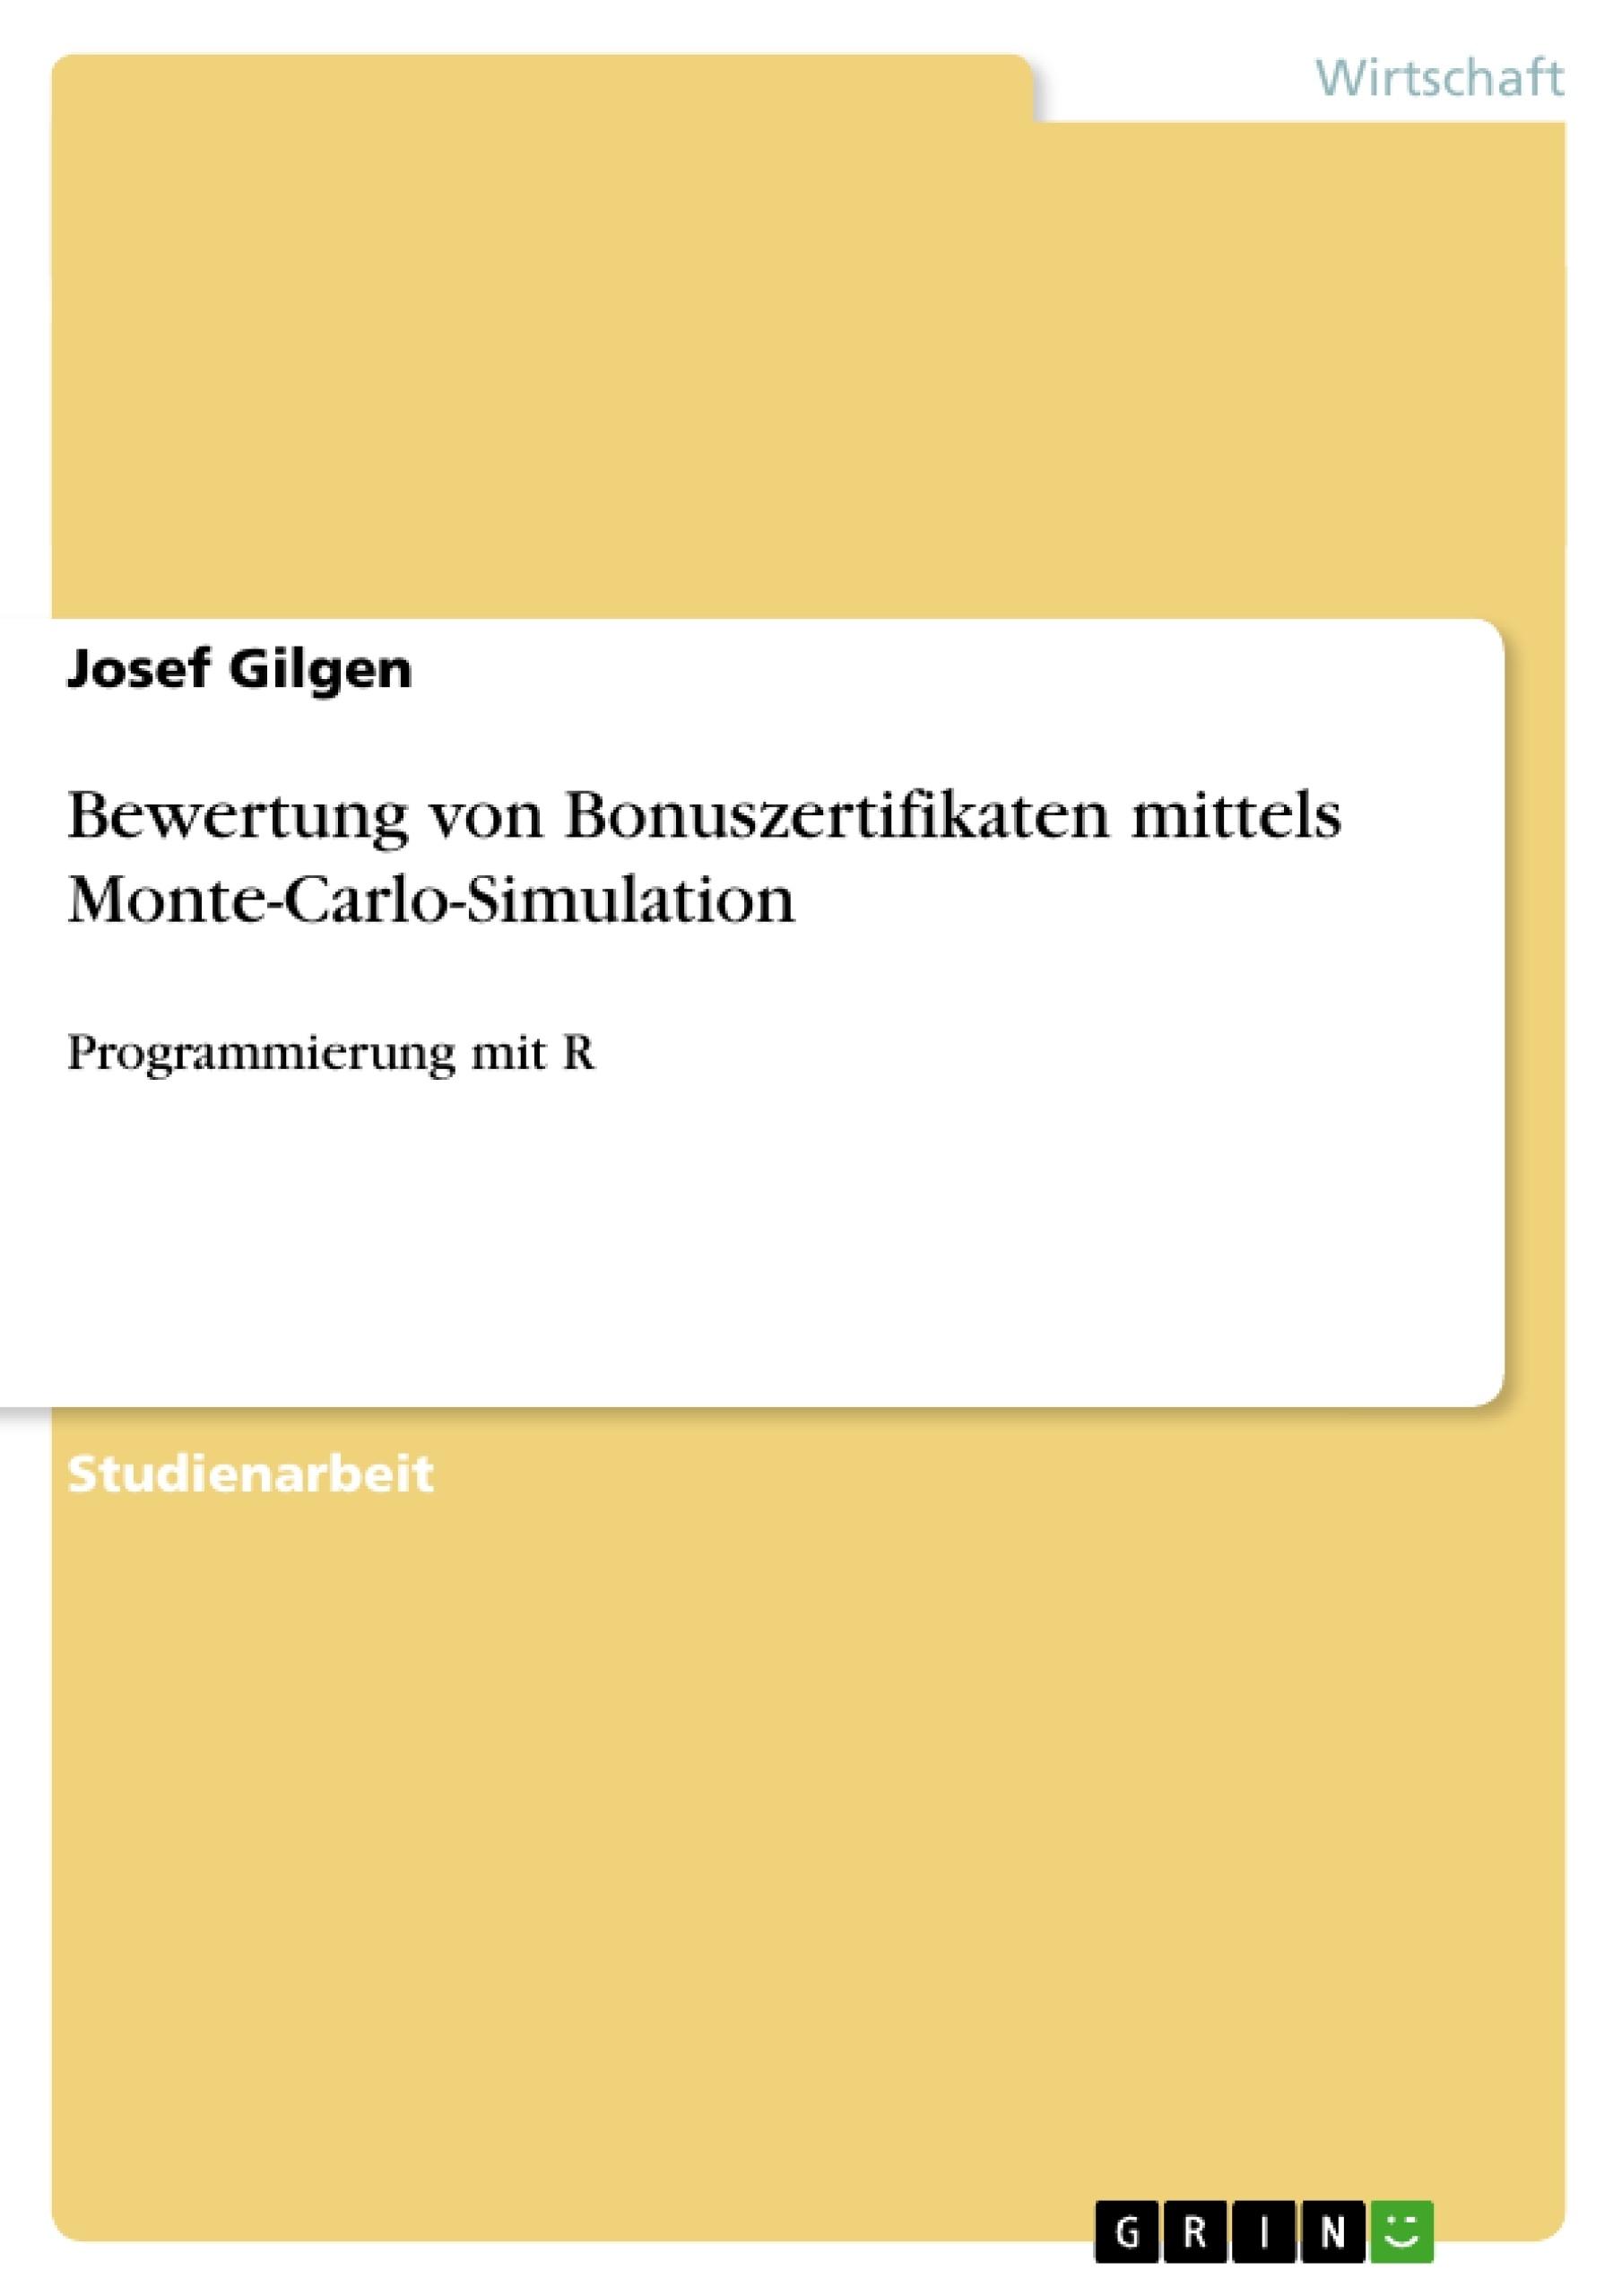 Titel: Bewertung von Bonuszertifikaten mittels Monte-Carlo-Simulation